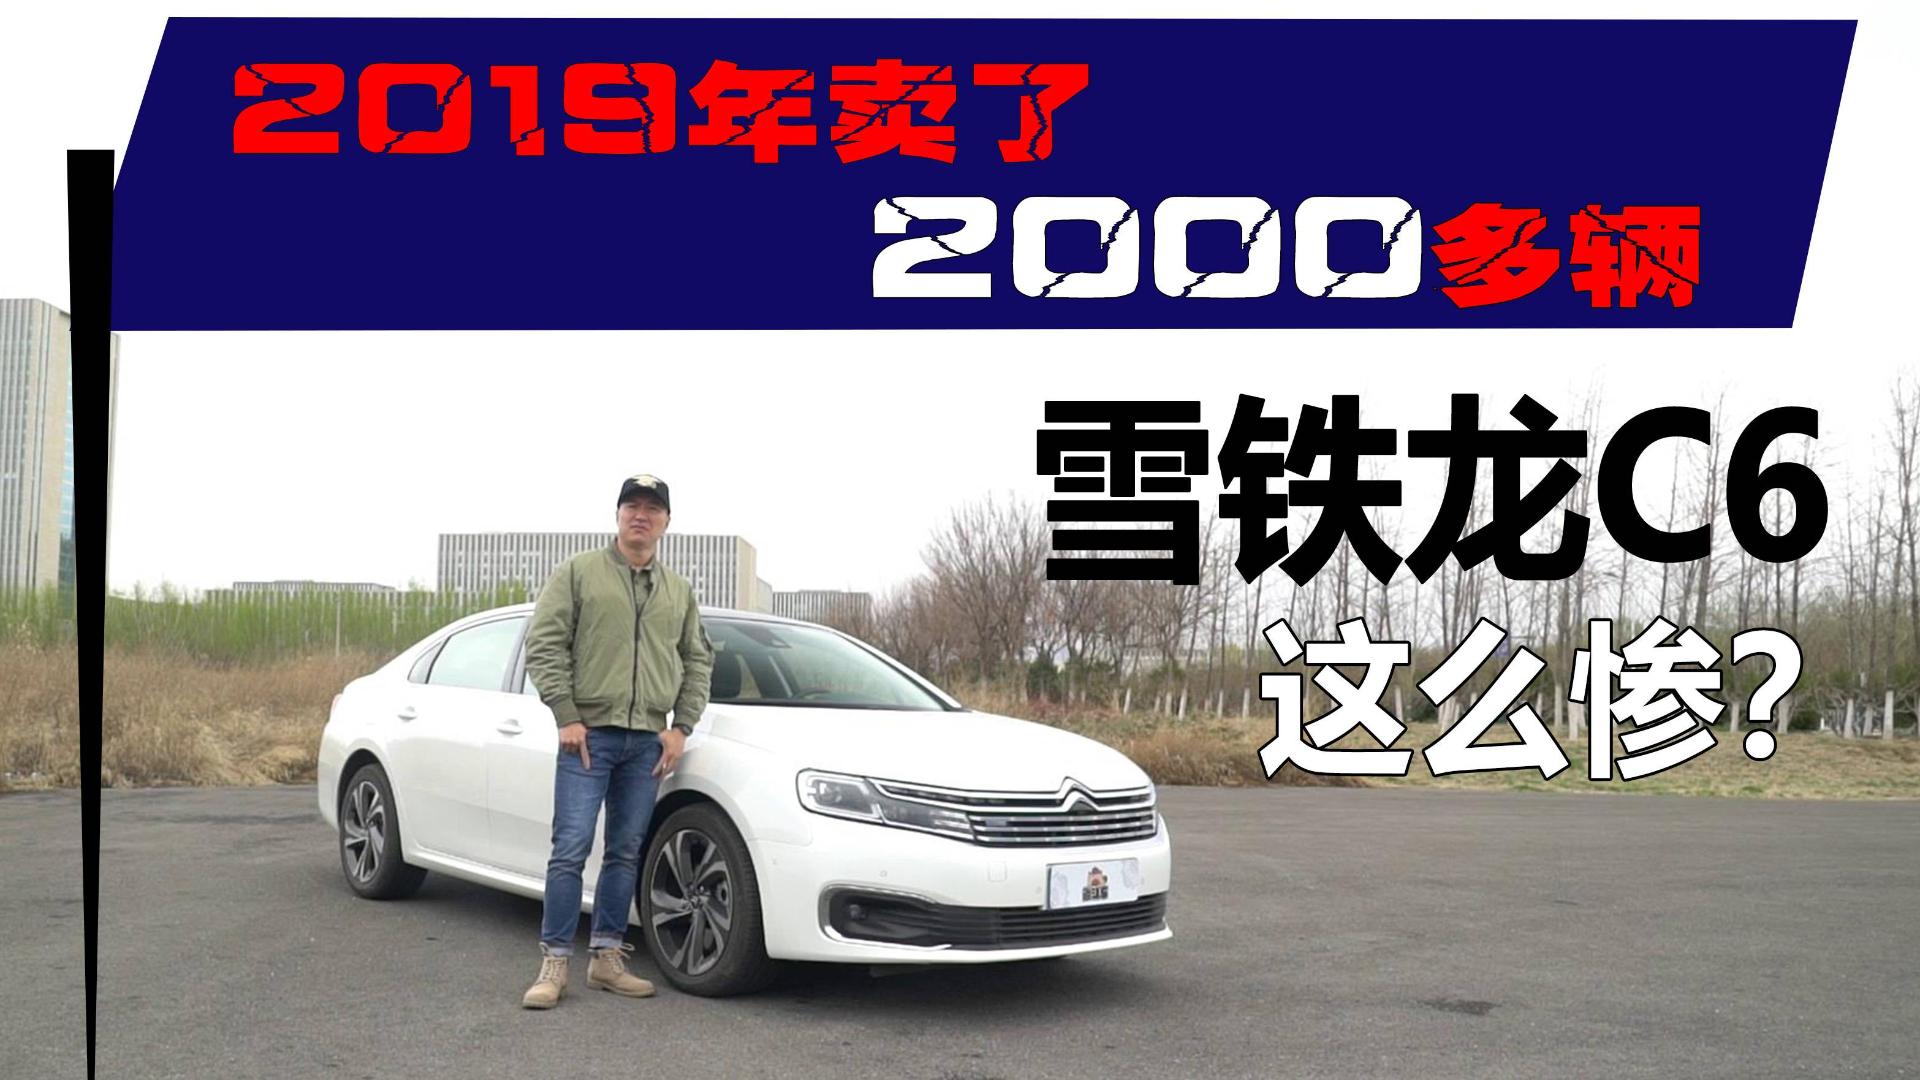 20多万的法系车配置逆天 一年才卖2000辆?